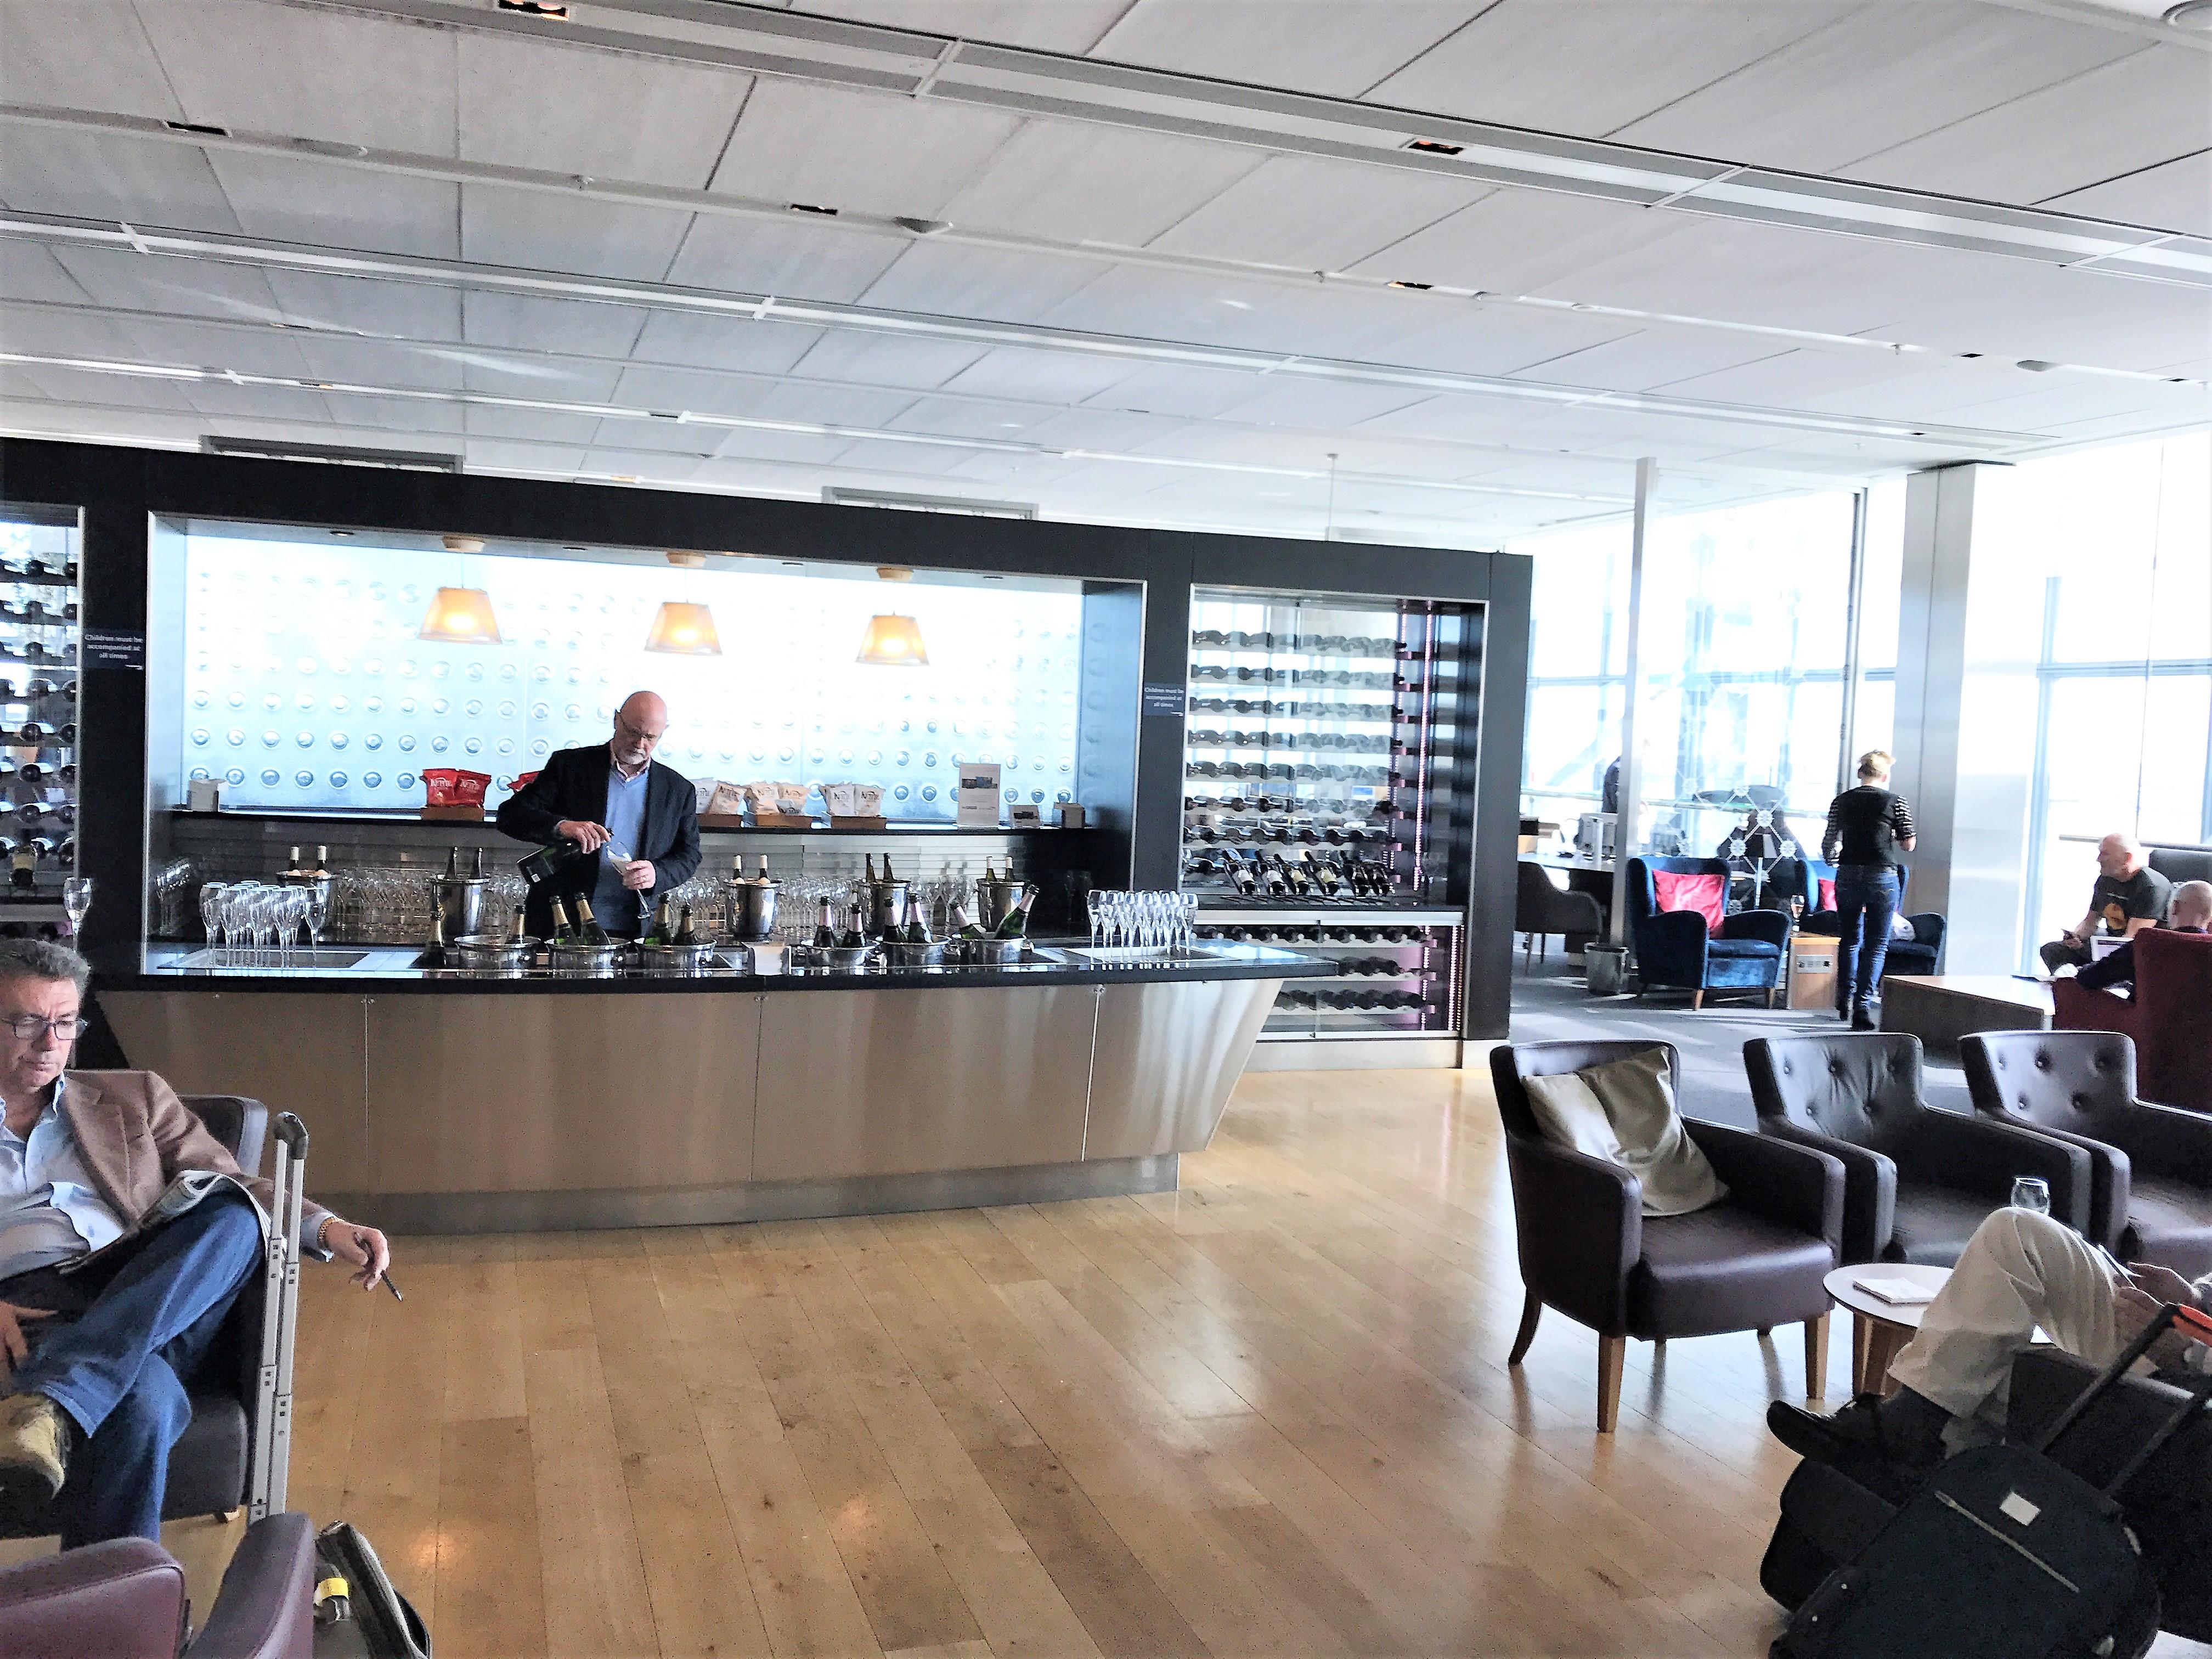 British Airways Heathrow Terminal 5 First Class Lounge